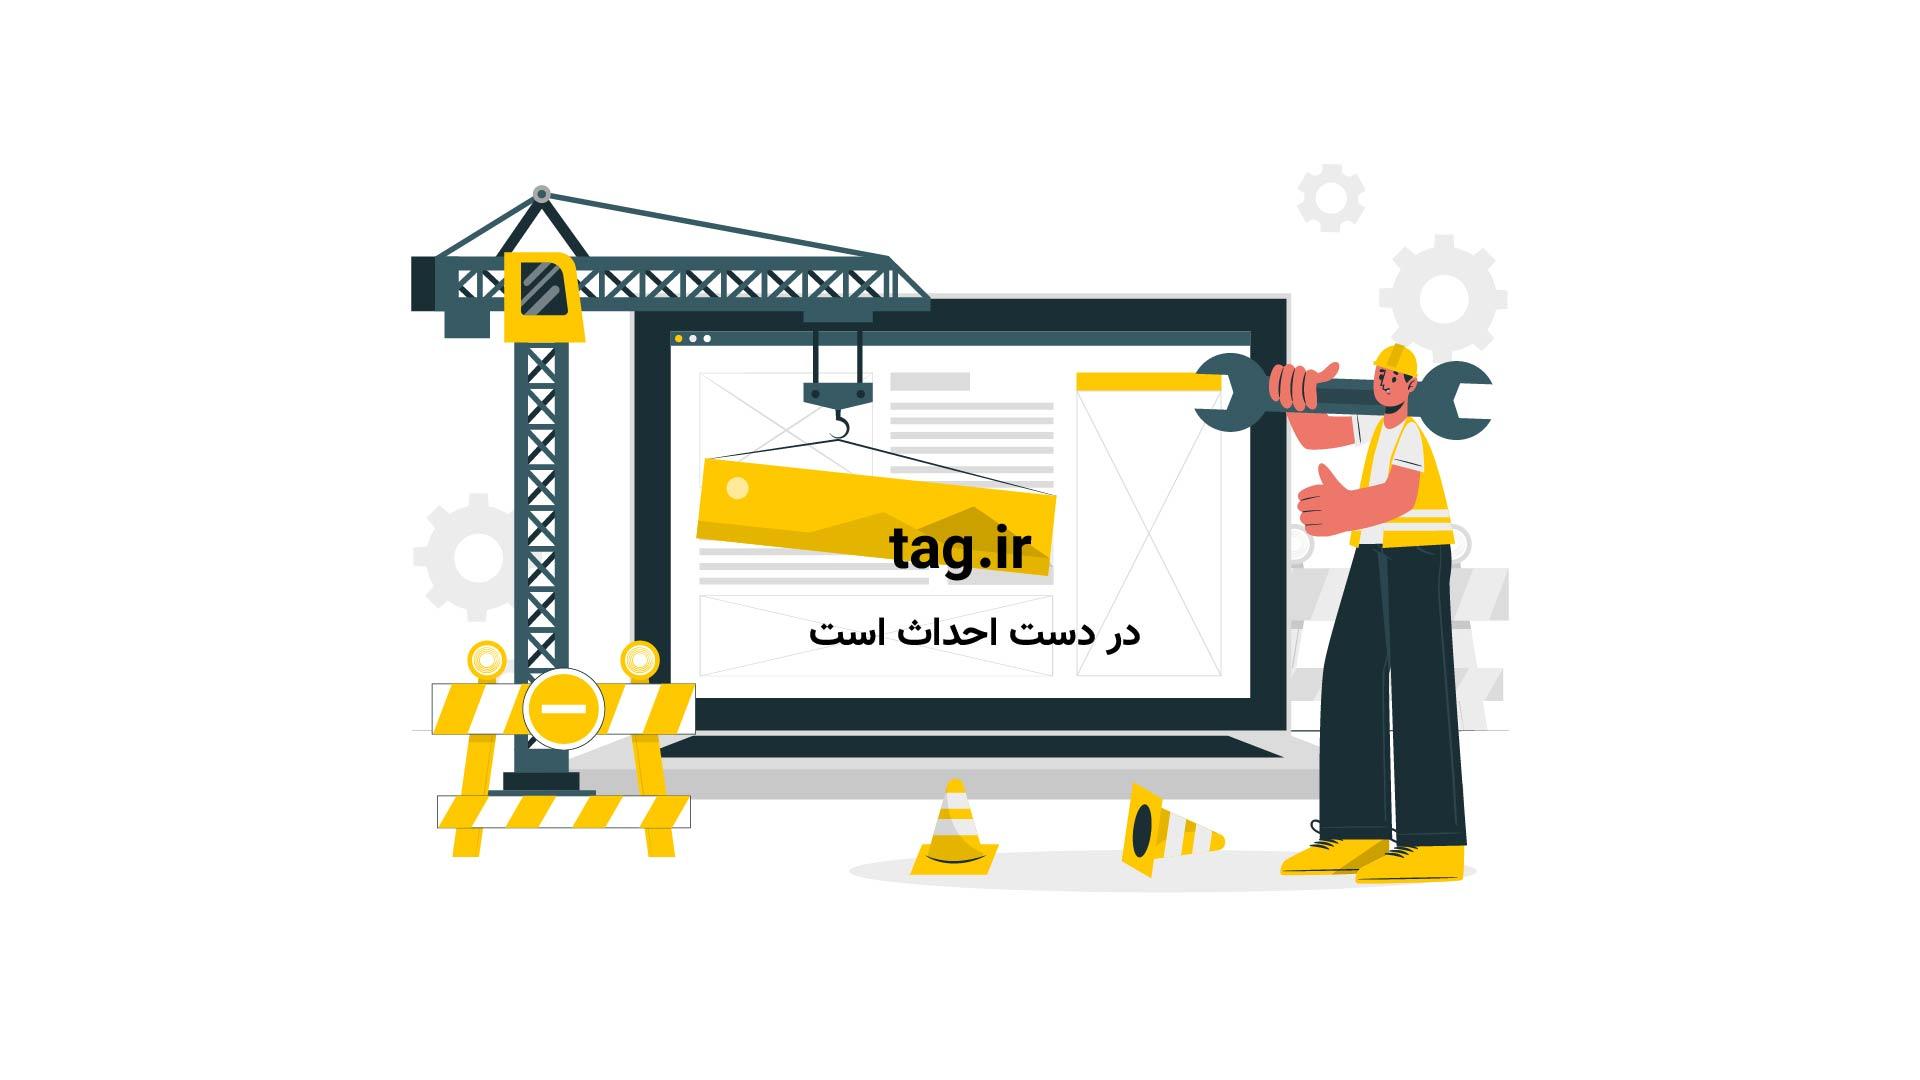 عقاب کوتاهترین فاصله ممکن بین خود و طعمه را انتخاب میکند | فیلم